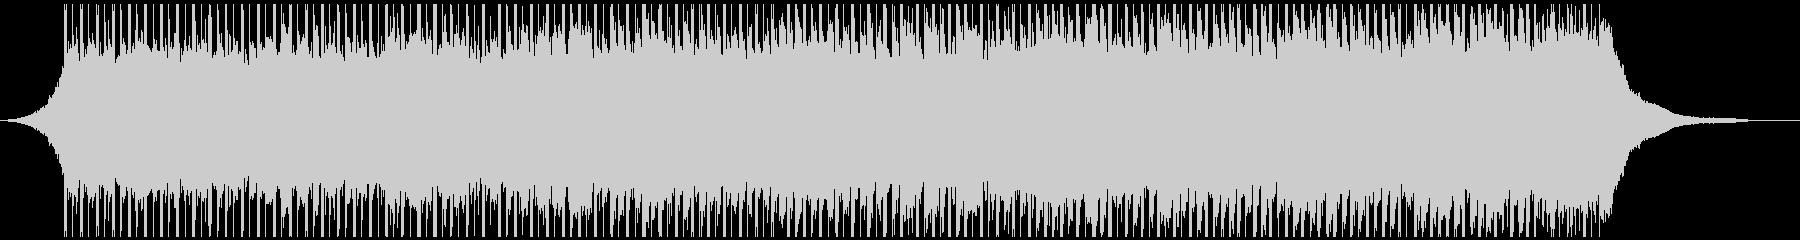 コーポレートアップビート(60秒)の未再生の波形